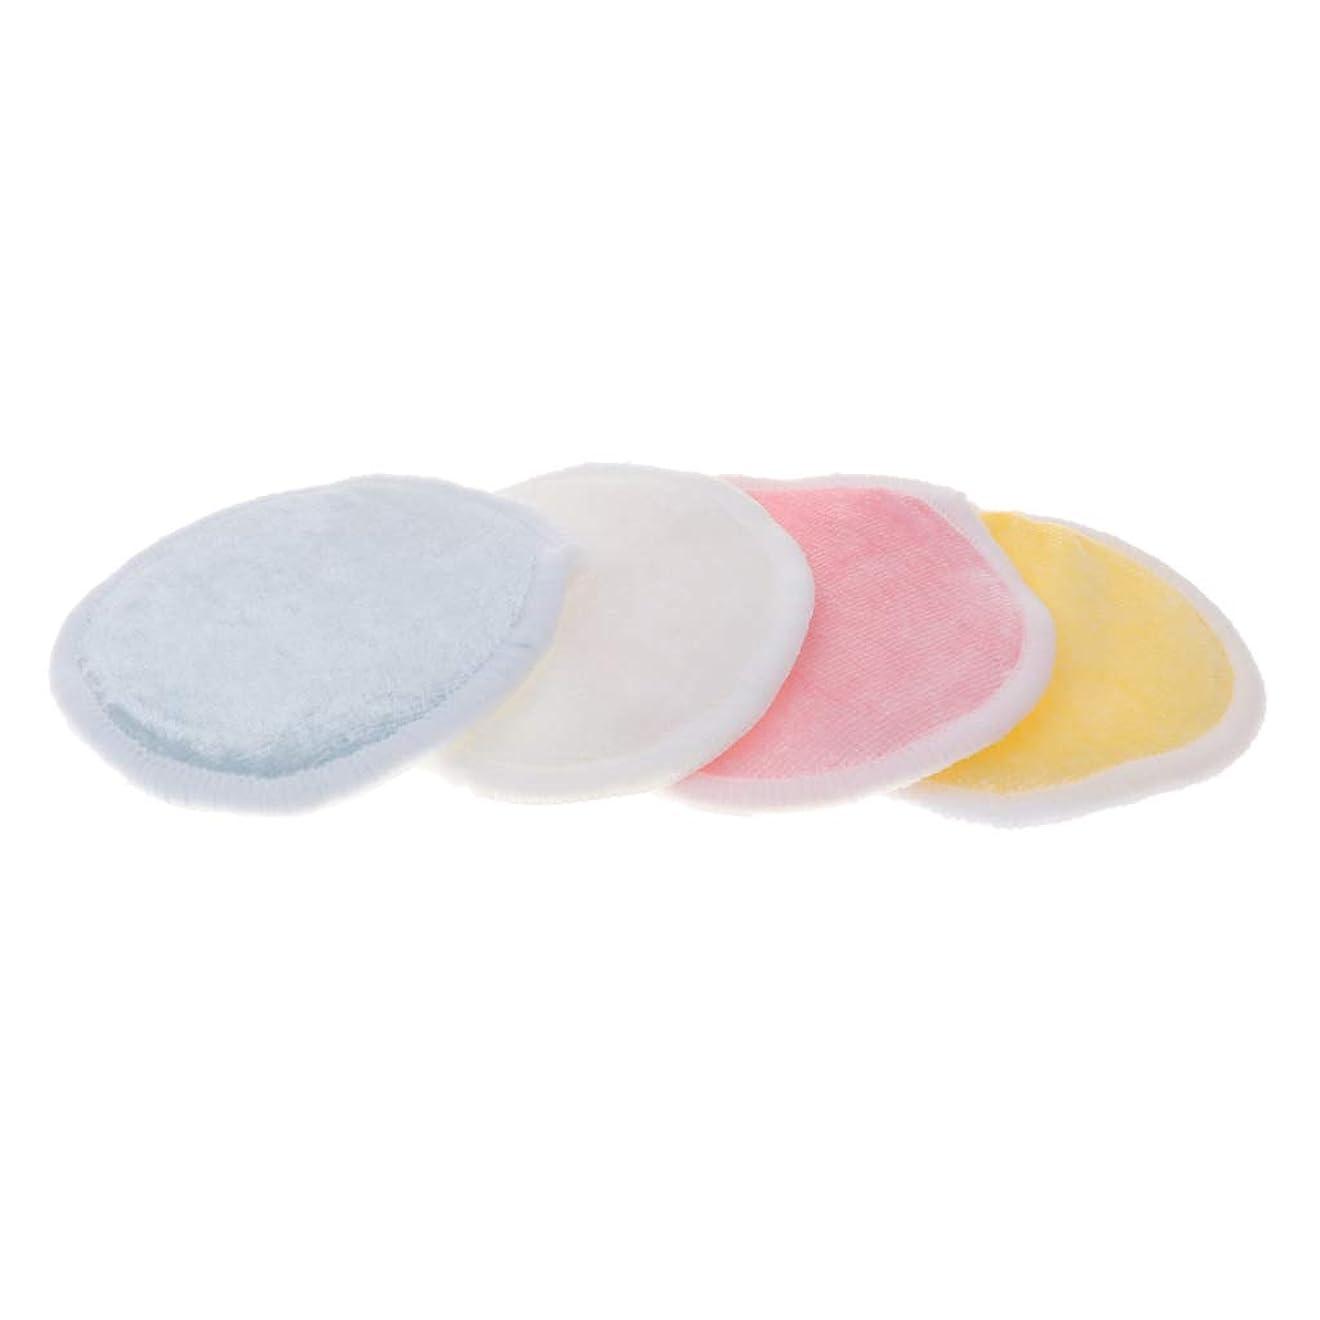 ぬいぐるみ参加者額CUTICATE 全2サイズ メイク落としコットン クレンジングシート 化粧水パッド 再使用可 バッグ付 化粧用 4個入 - L